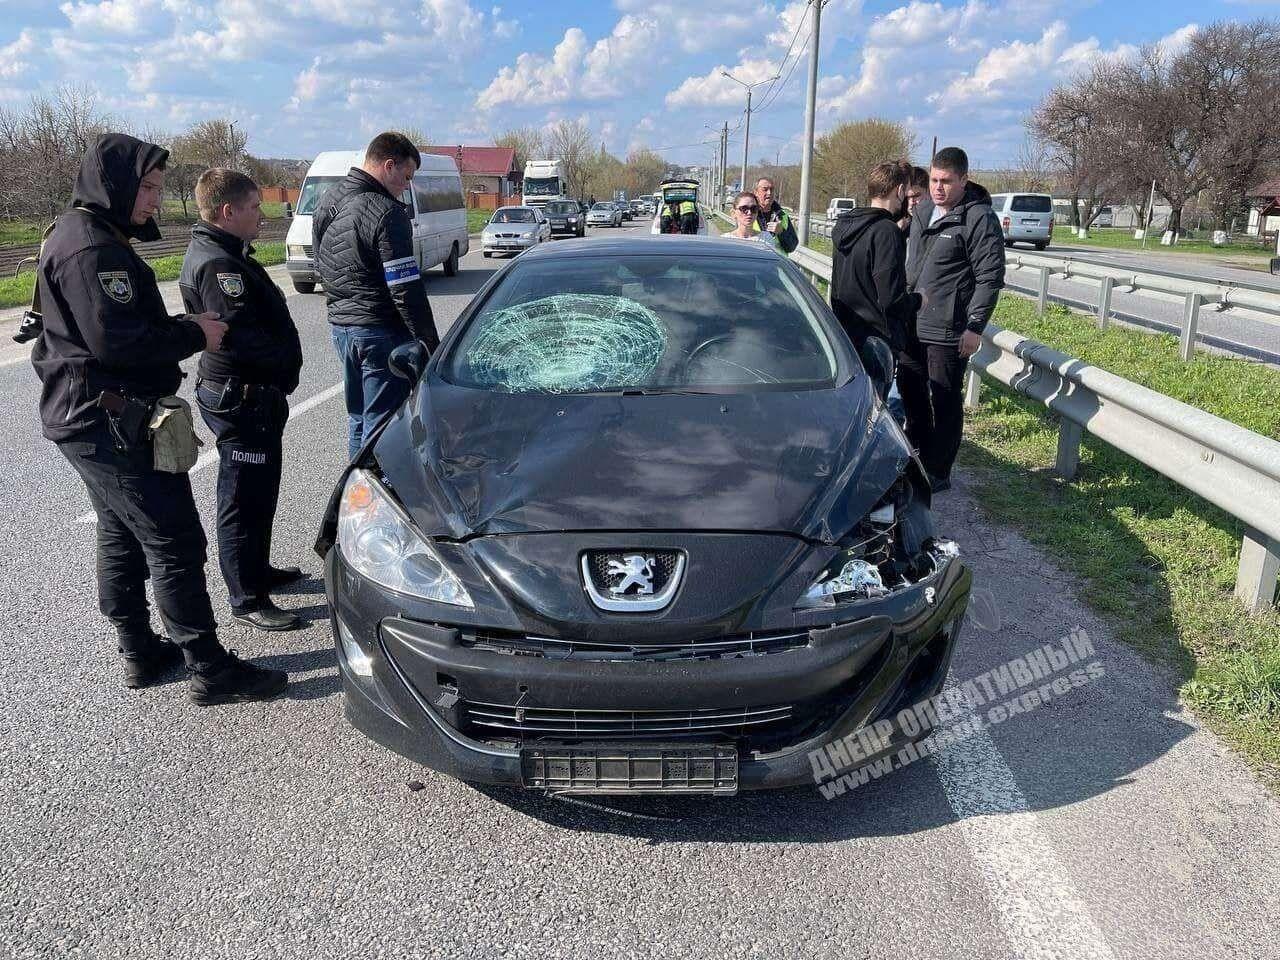 Машина, которая влетела в школьников на Днепропетровщине